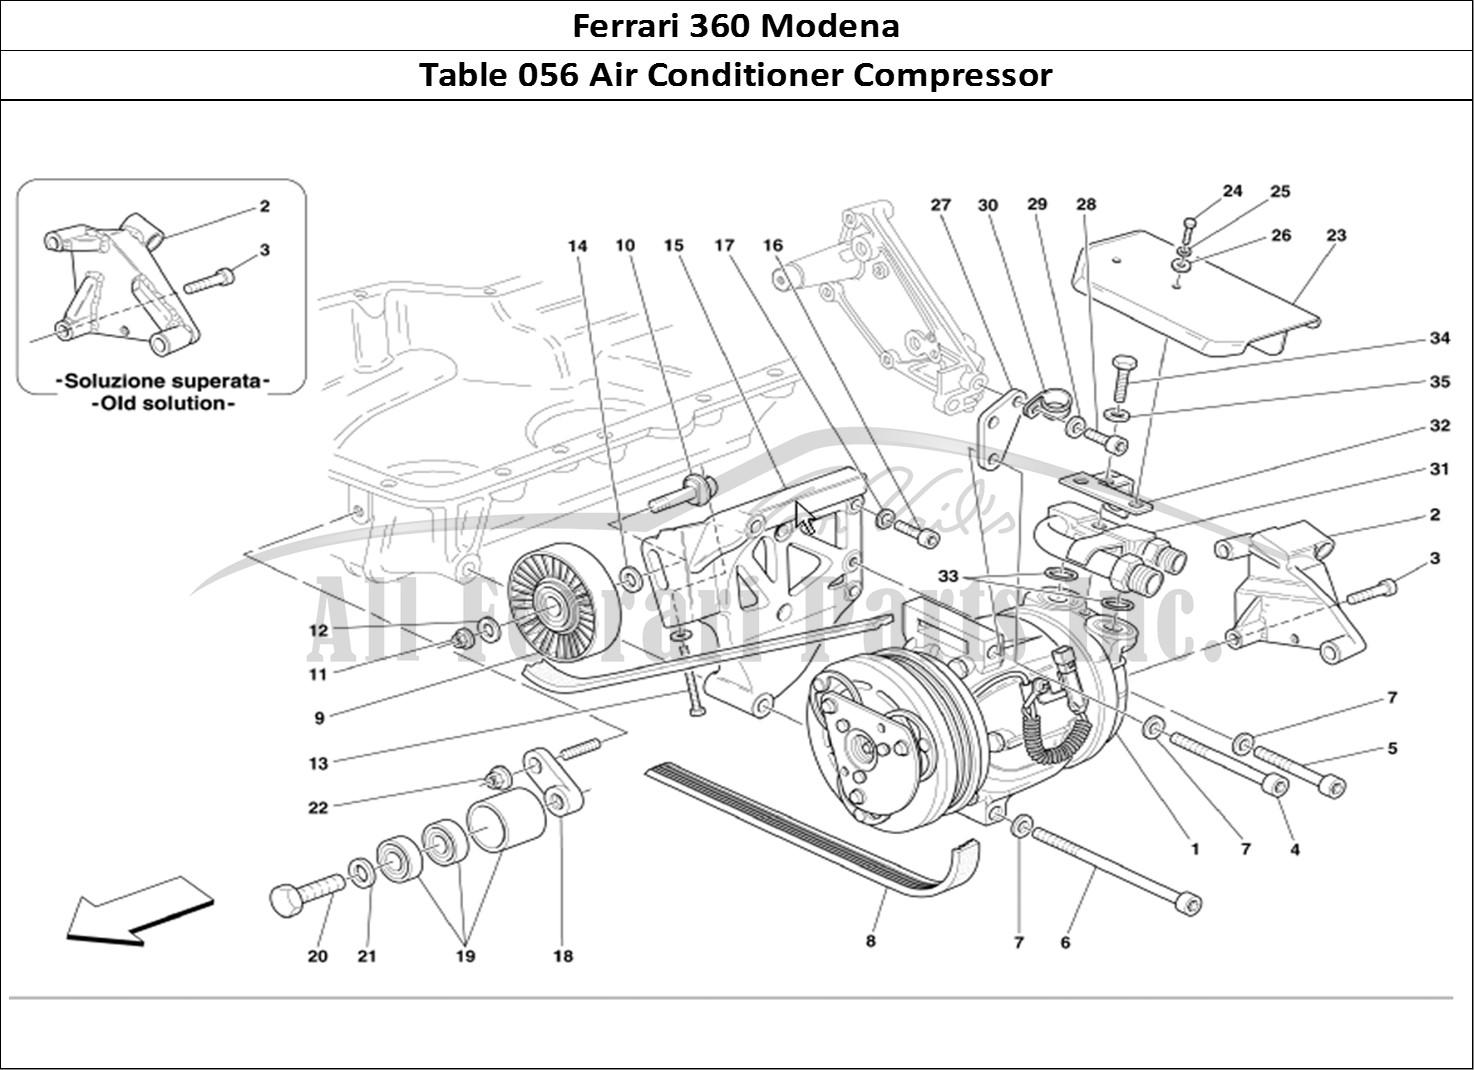 Buy original Ferrari 360 Modena 056 Air Conditioner